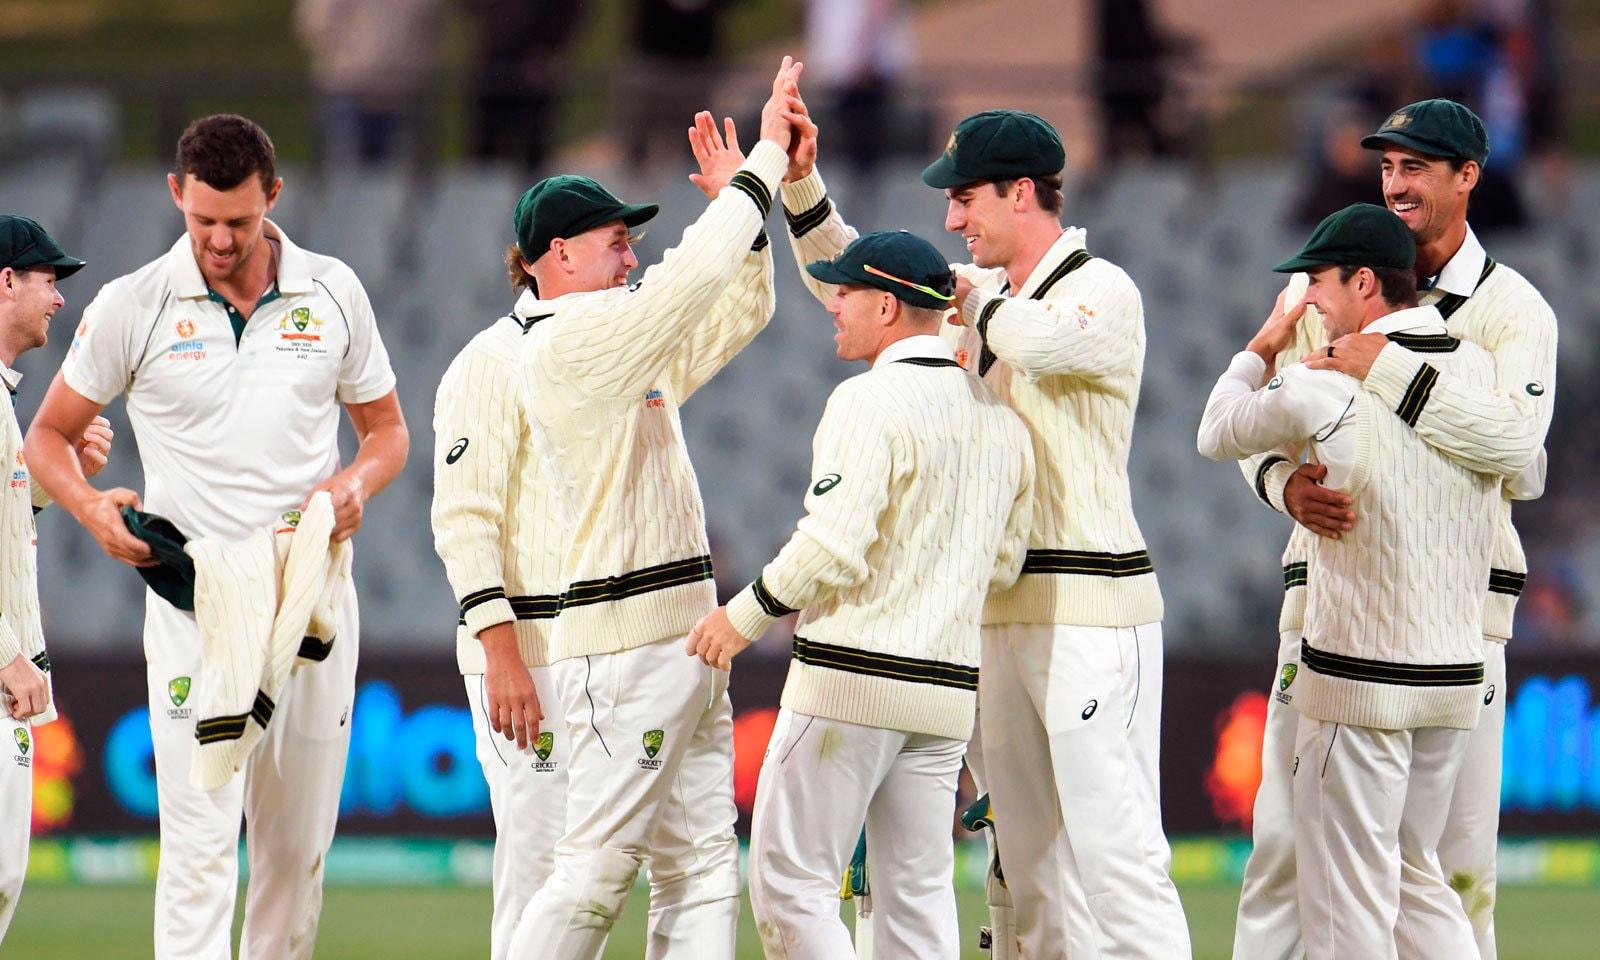 میچ میں فتح کے بعد آسٹریلین کرکٹرز ایک دوسرے کو مبارکباد دے رہے ہیں— فوٹو: اے ایف پی